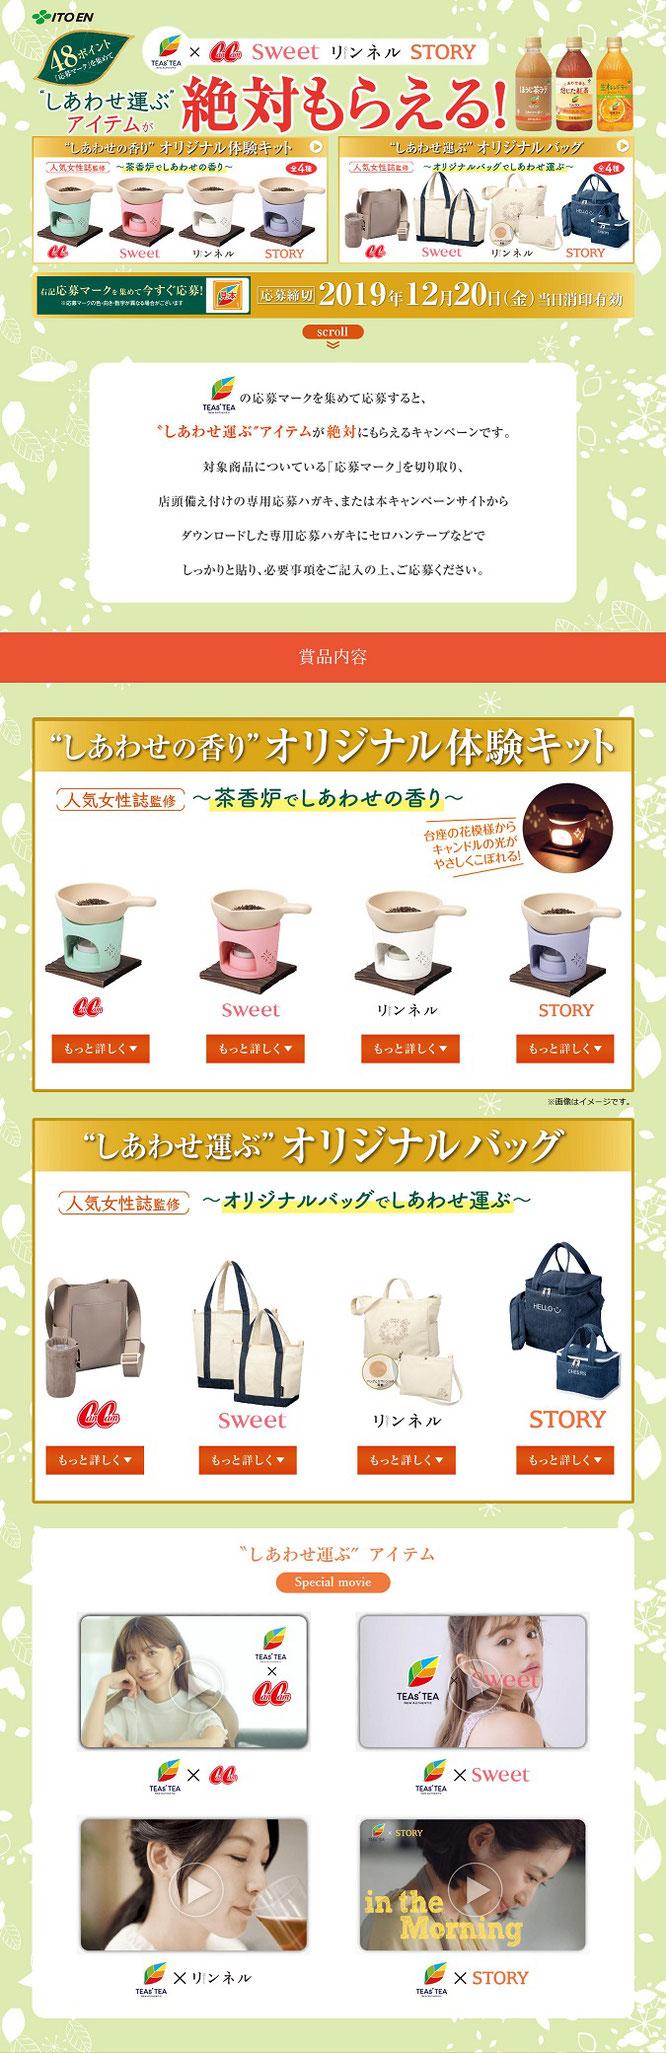 【伊藤園】しあわせ運ぶアイテムが絶対もらえる! TEAs'TEA NEW AUTHENTIC キャンペーン